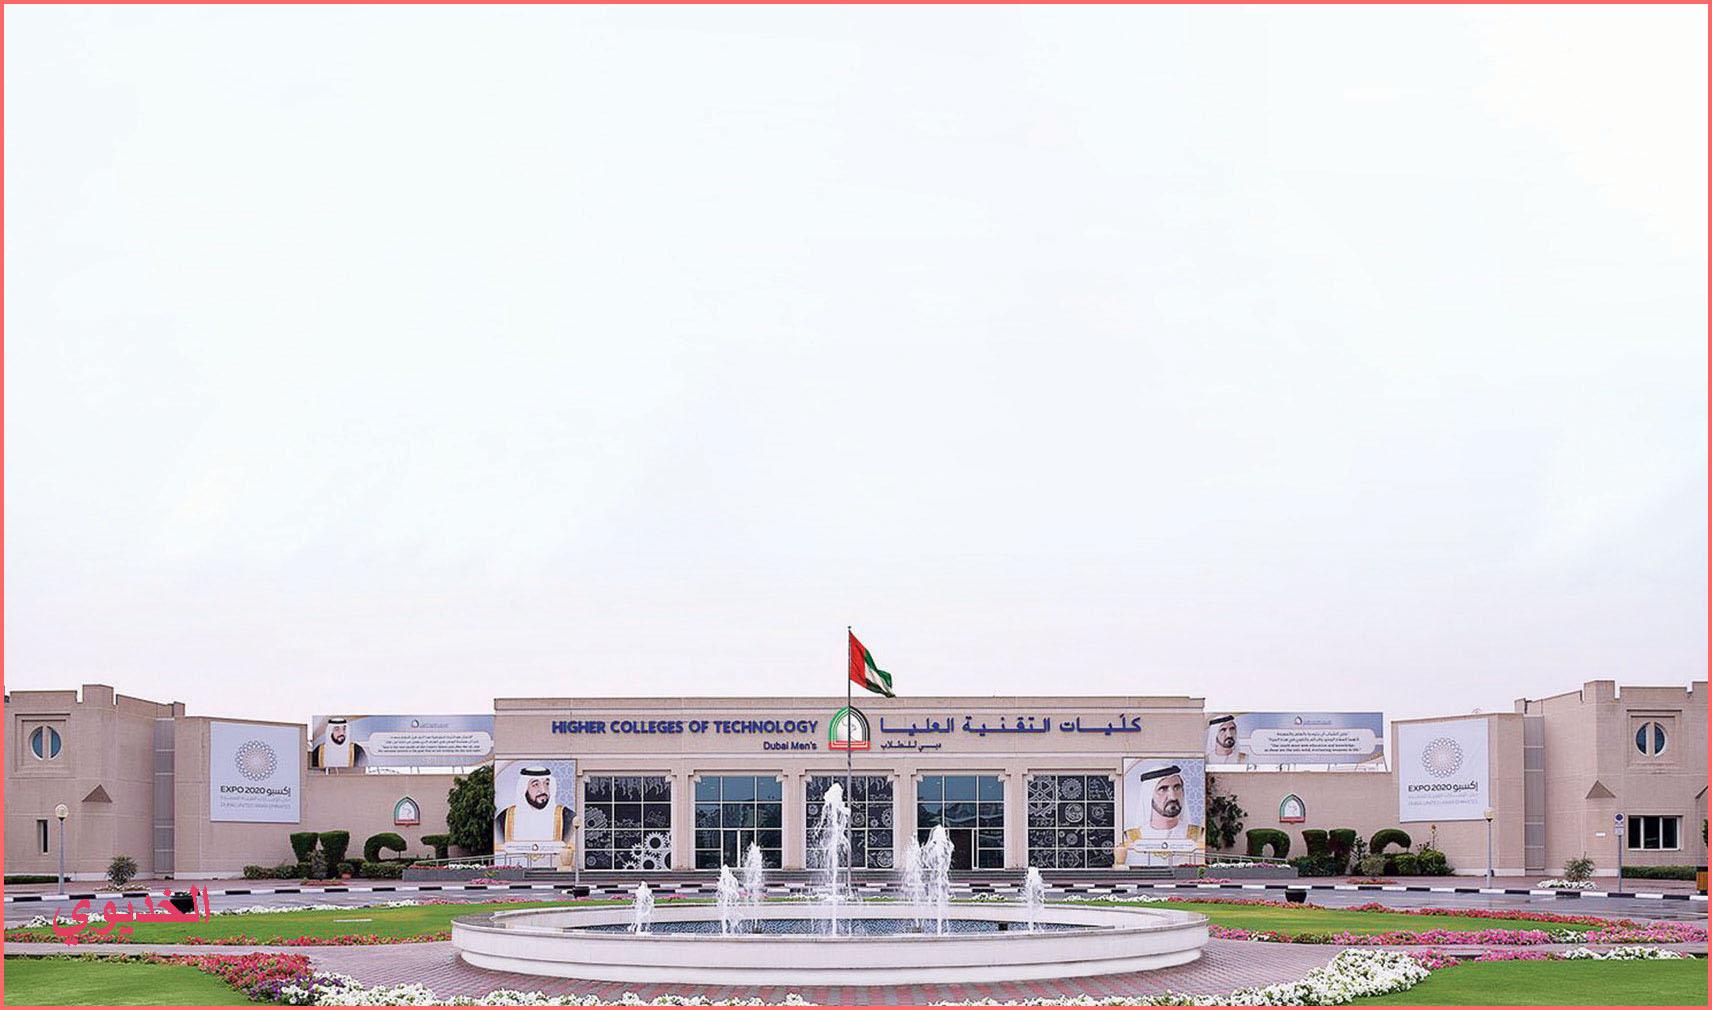 كلية التقنية العليا دبي .. ما هي تخصصات الدراسة المتاحة في كلية التقنية العليا دبي ؟؟